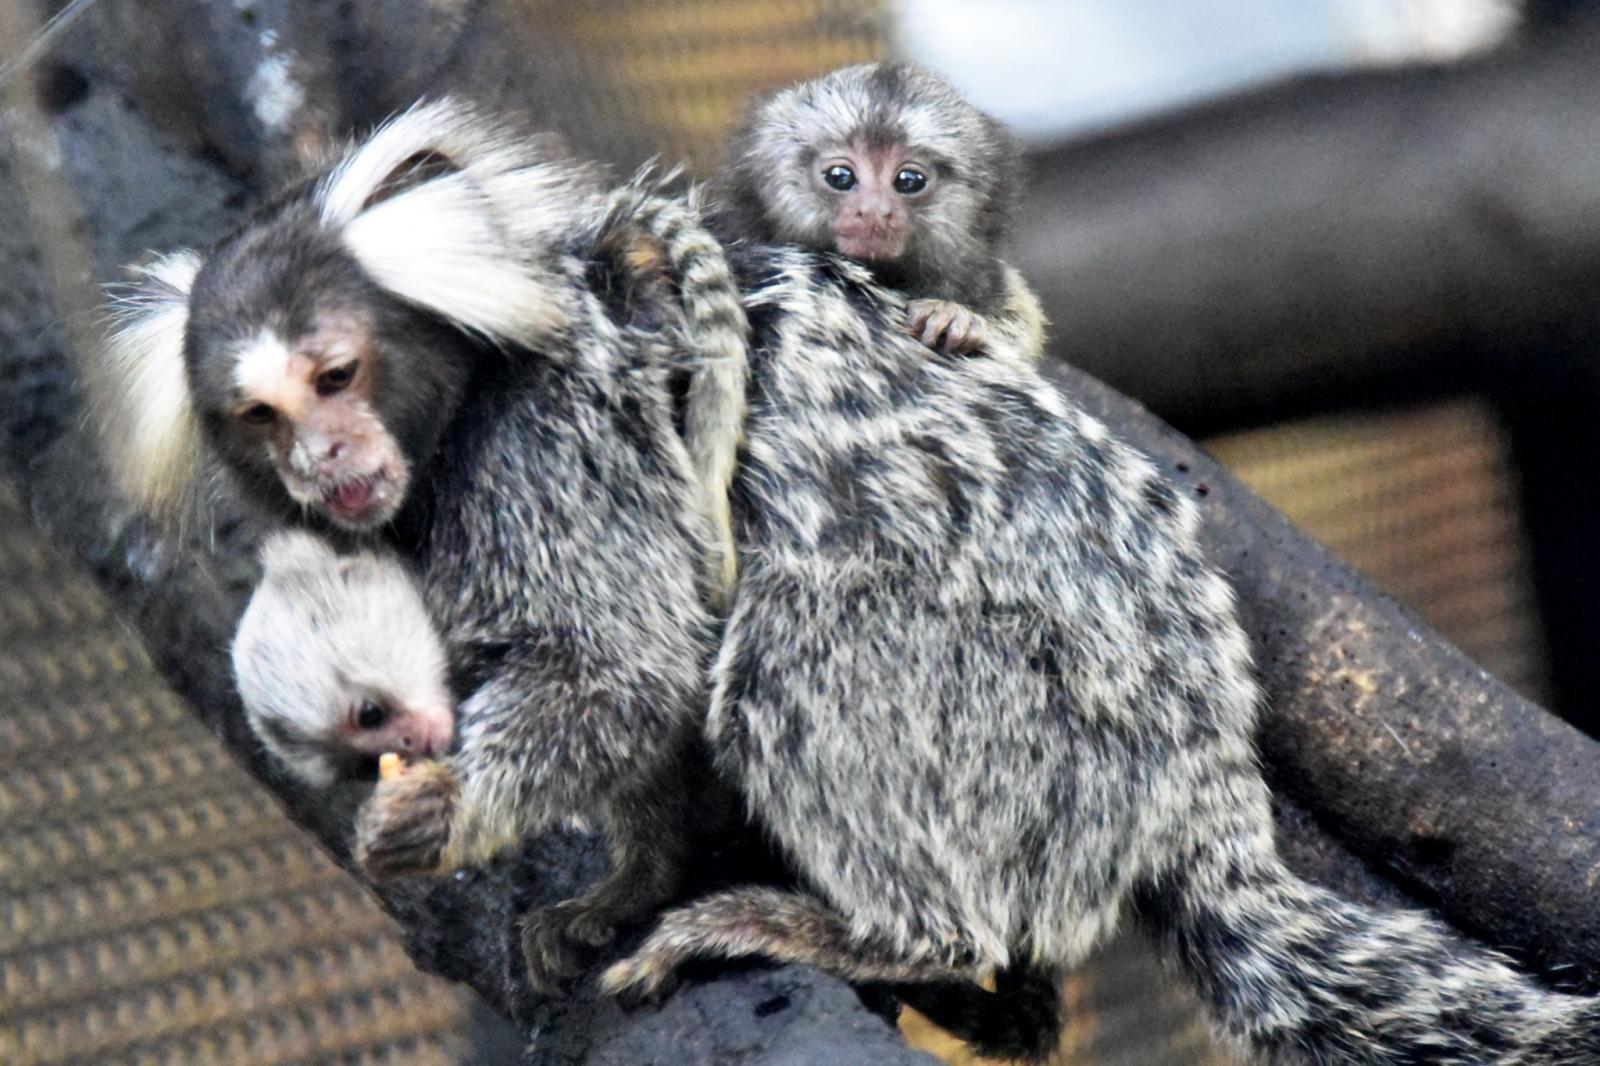 ลิงจิ๋ว คอมมอนมาโมเซท  ออกลูกแฝด   3 ที่สวนสัตว์เขาเขียว